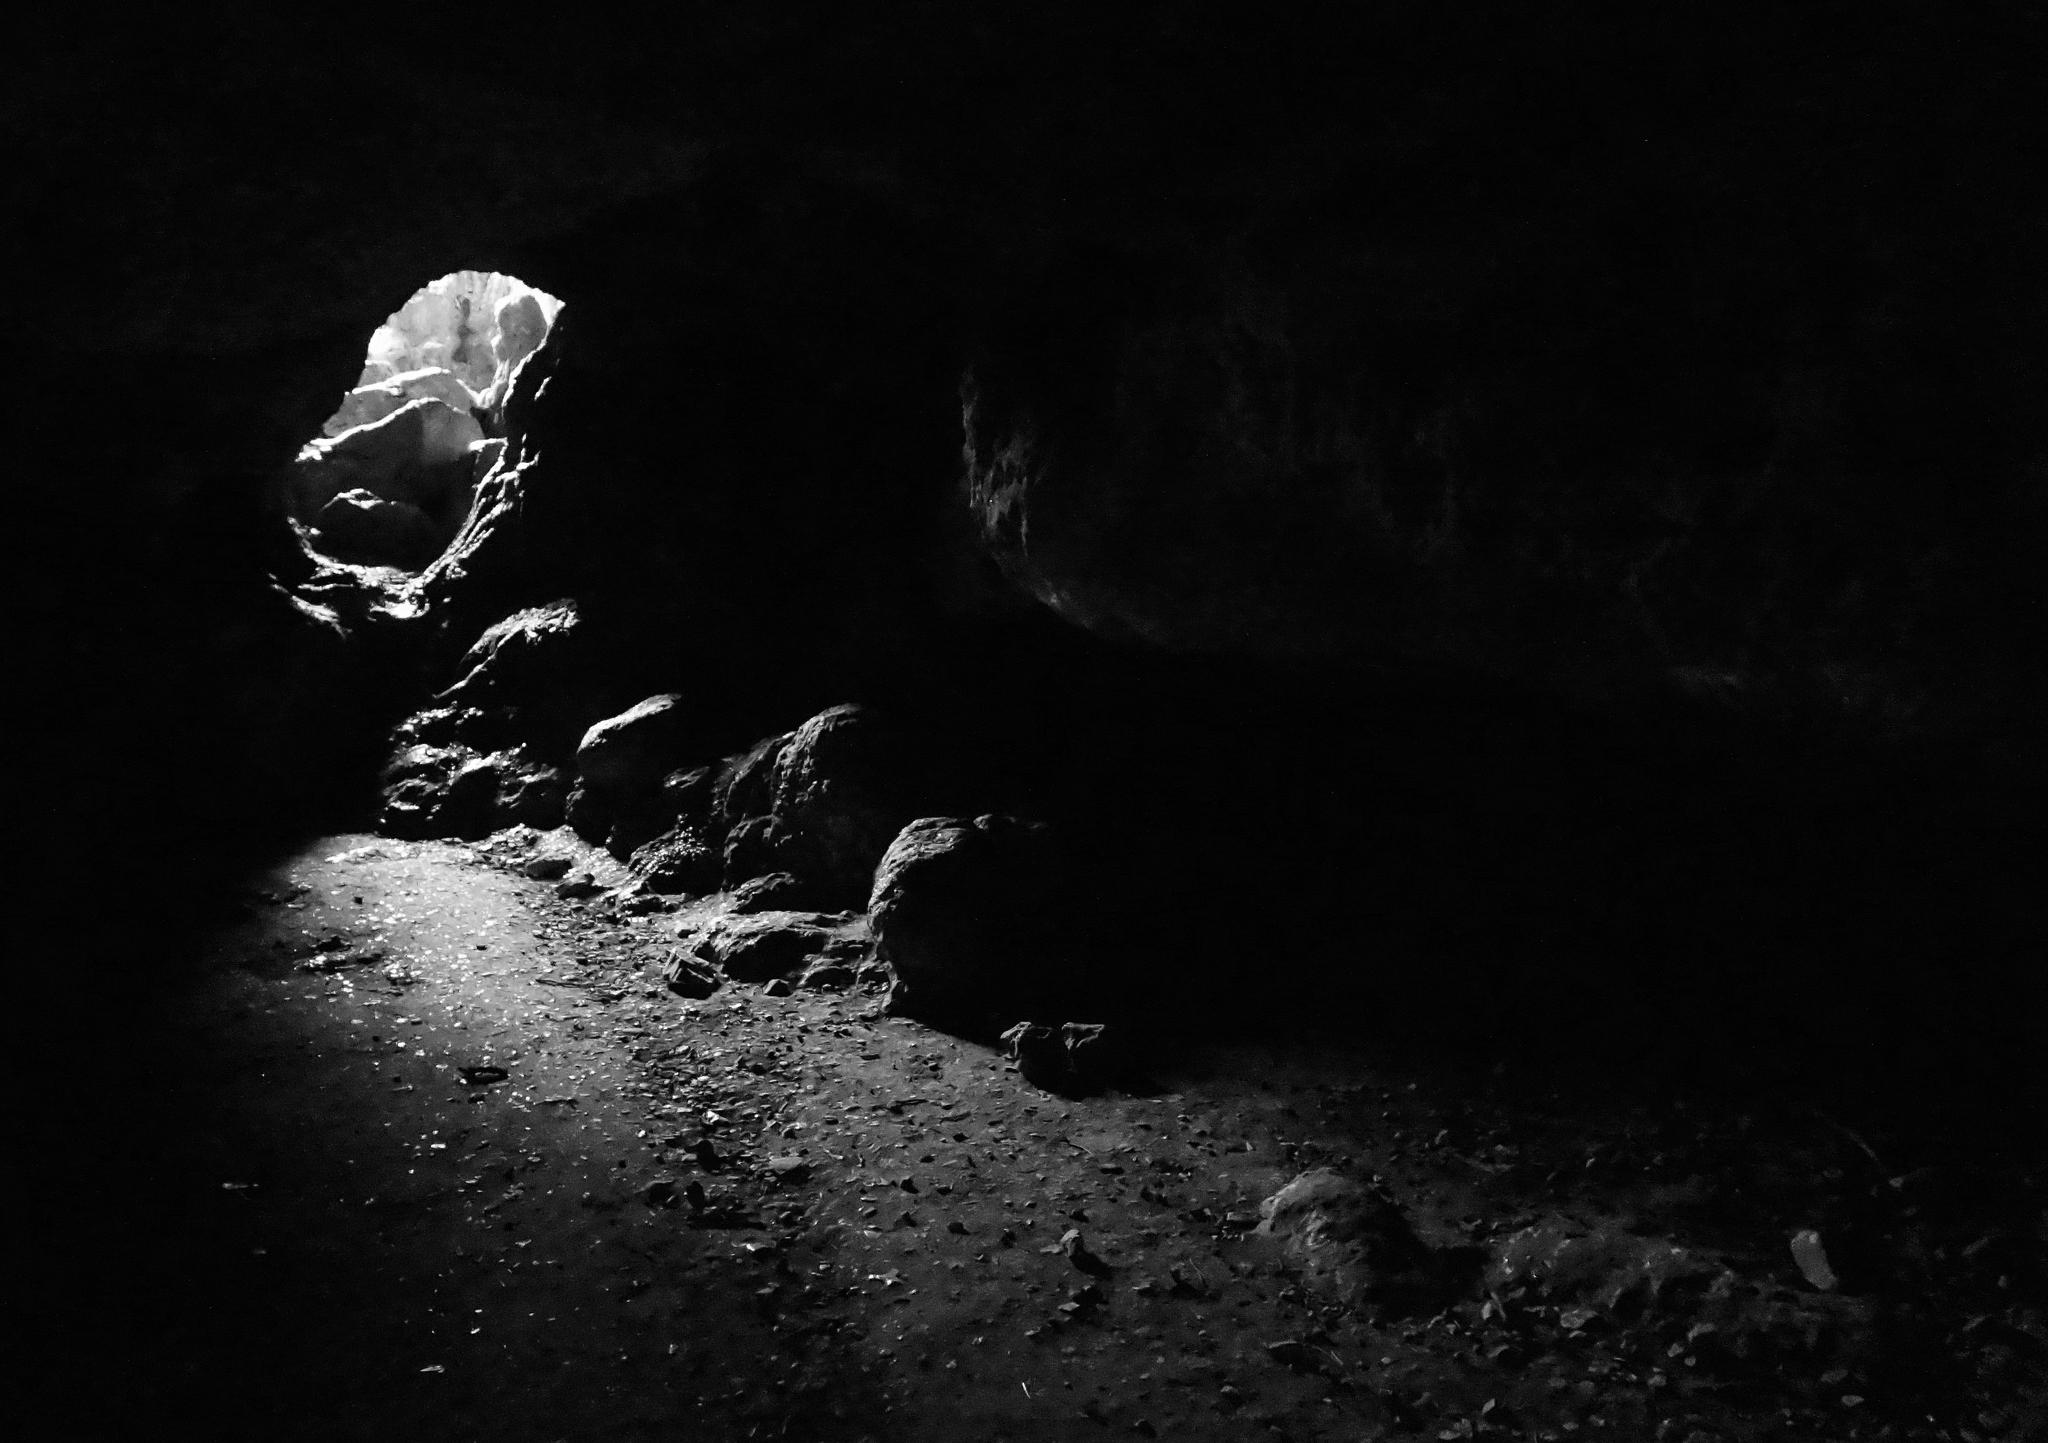 <s>Plato's Cave</s> Lilith's Cave